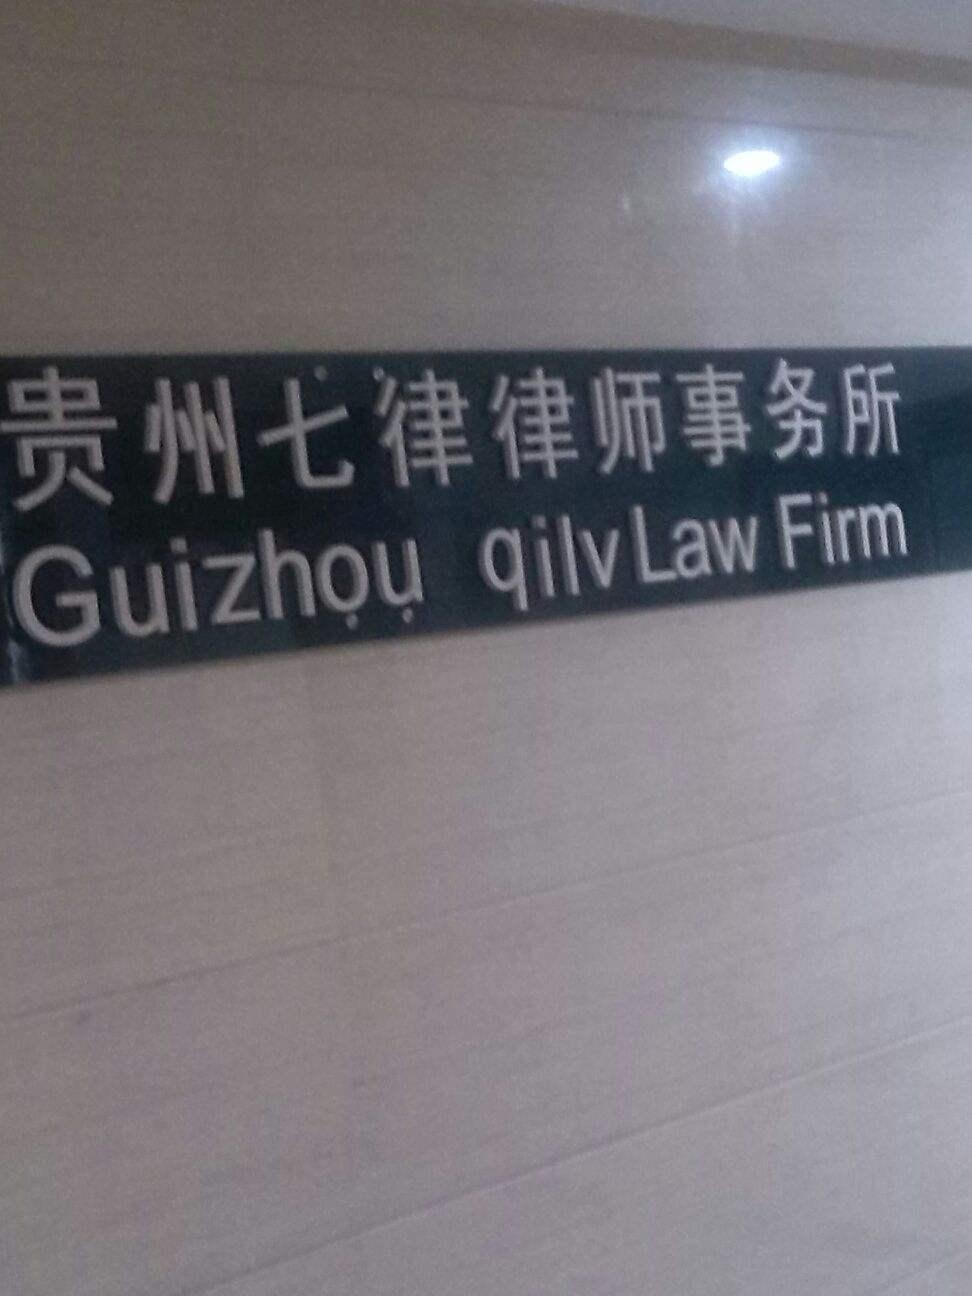 一般律师事务所上班时间